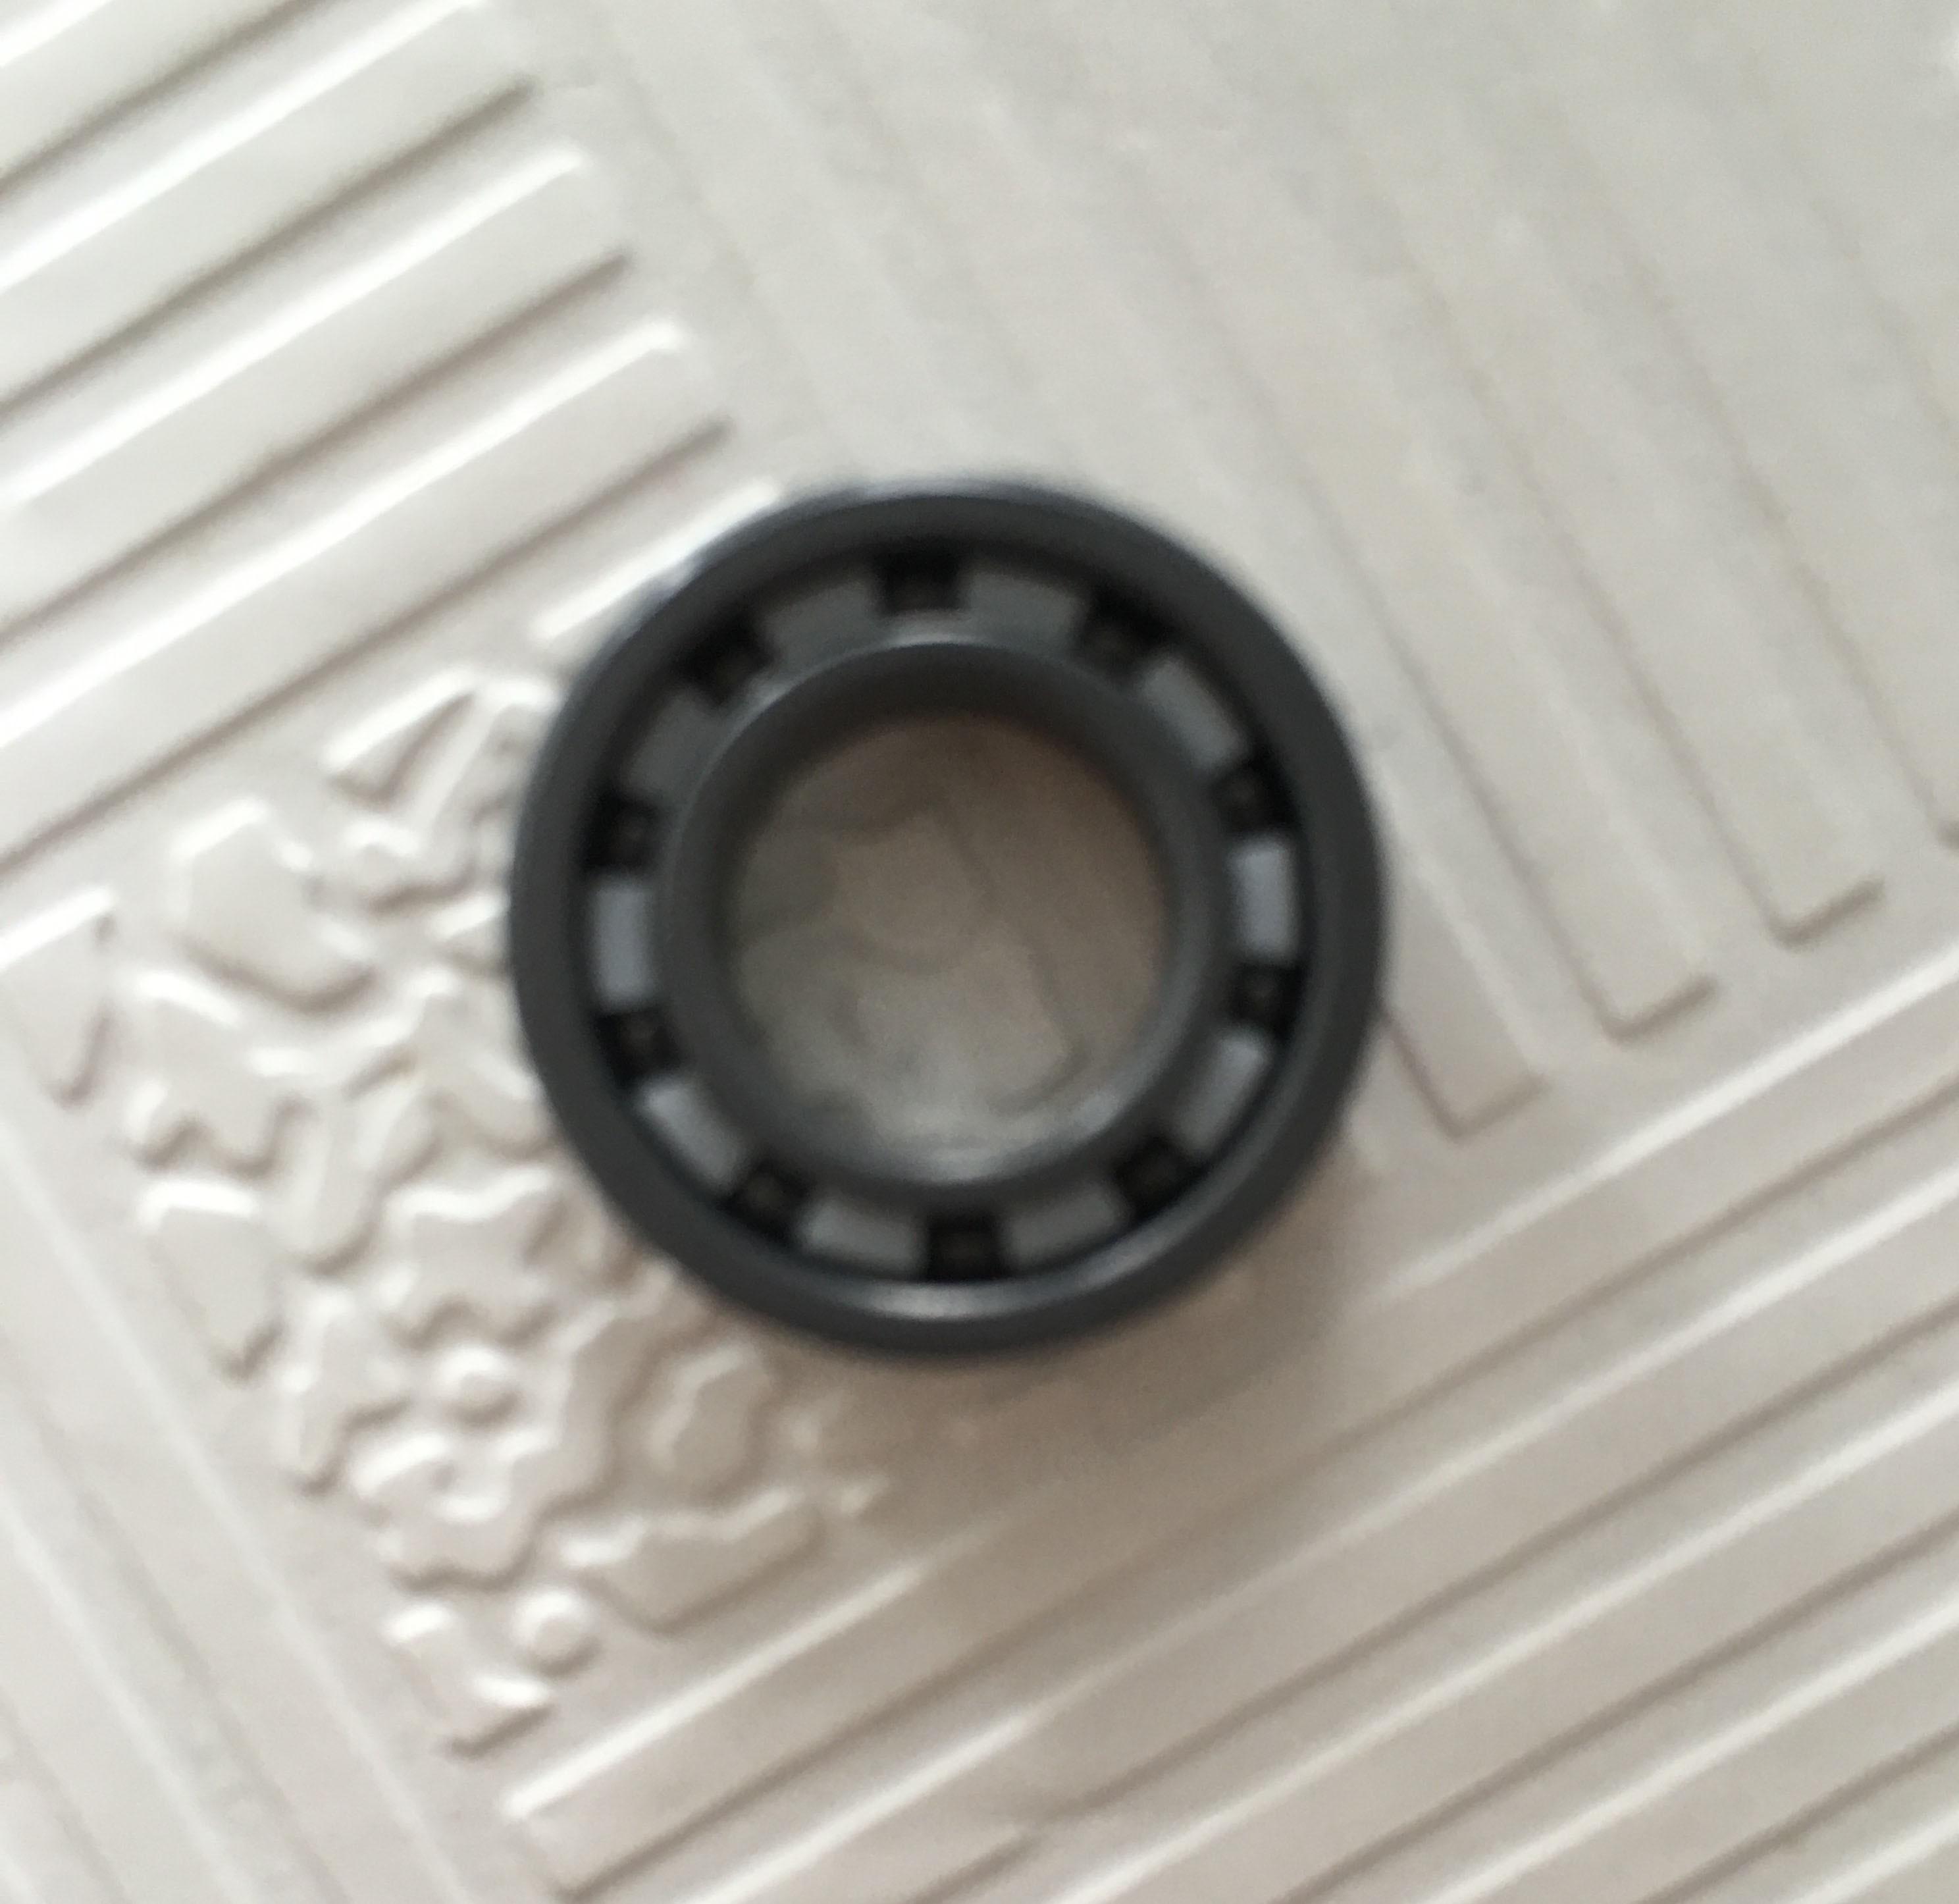 Free shipping 6007 full SI3N4 P5 ABEC5 ceramic deep groove ball bearing 35x62x14mm free shipping 6901 full si3n4 ceramic deep groove ball bearing 12x24x6mm full complement 61901 p5 abec5